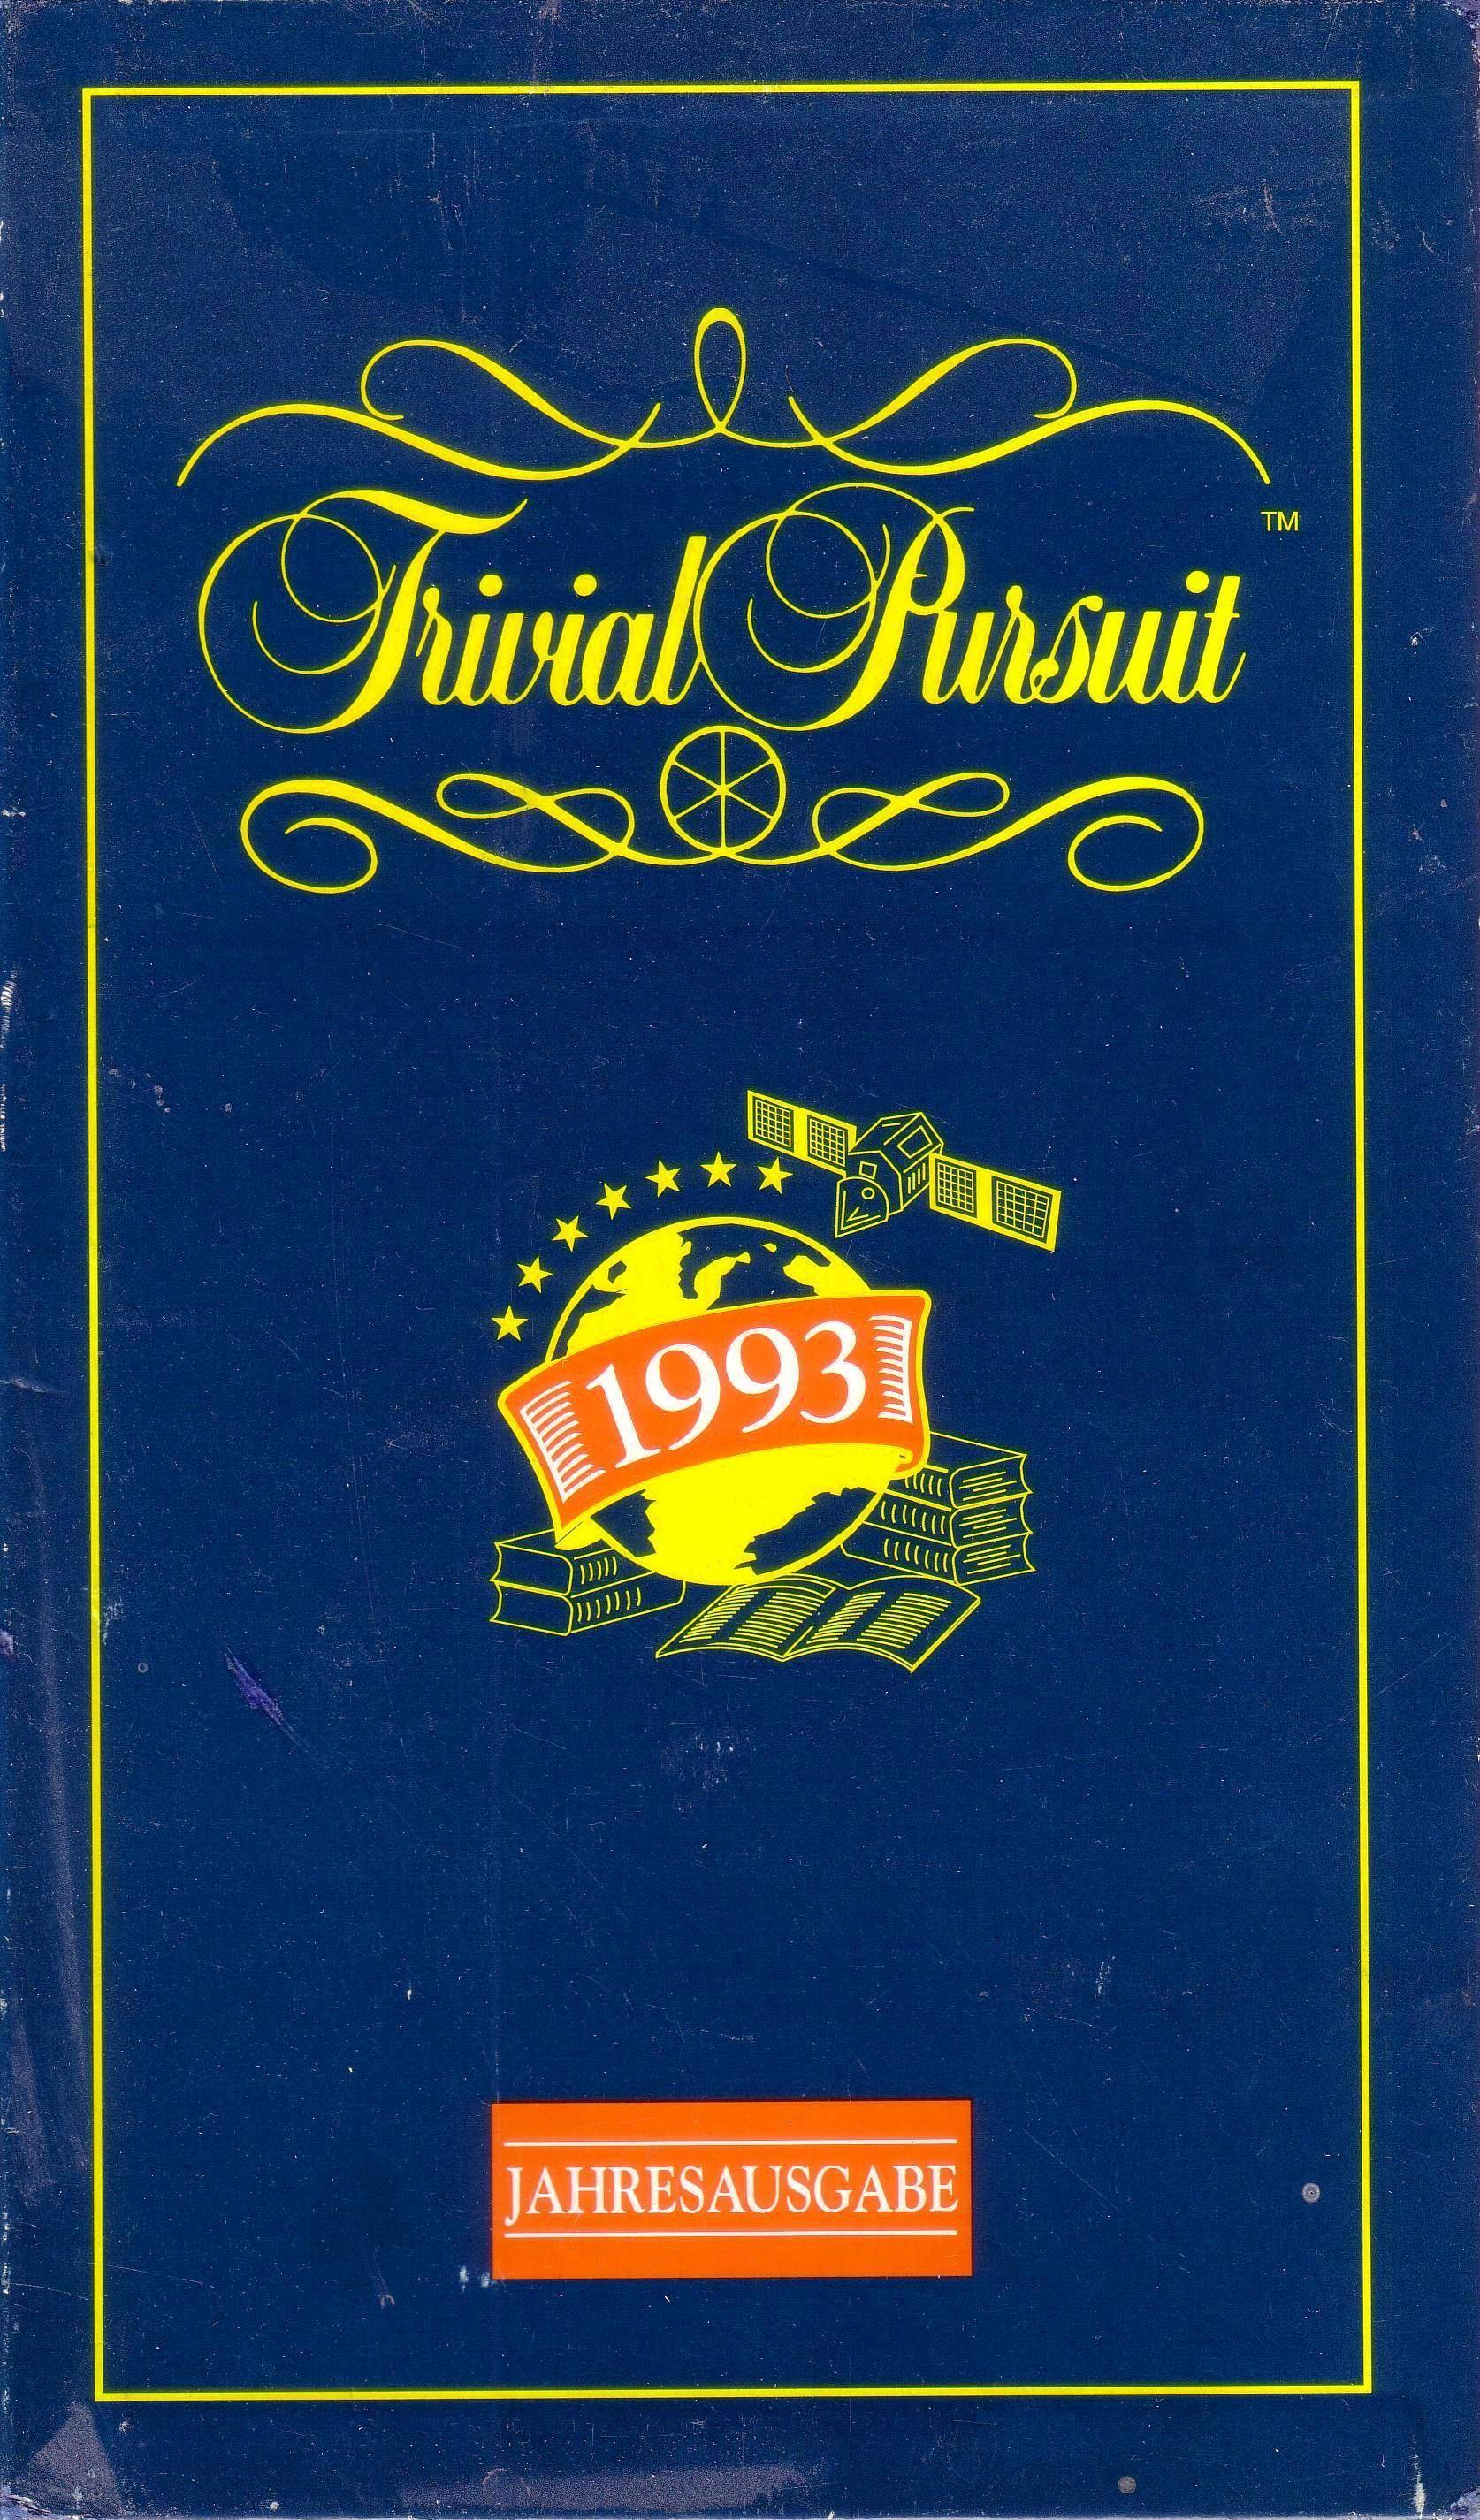 Trivial Pursuit: 1993 Edition (German)